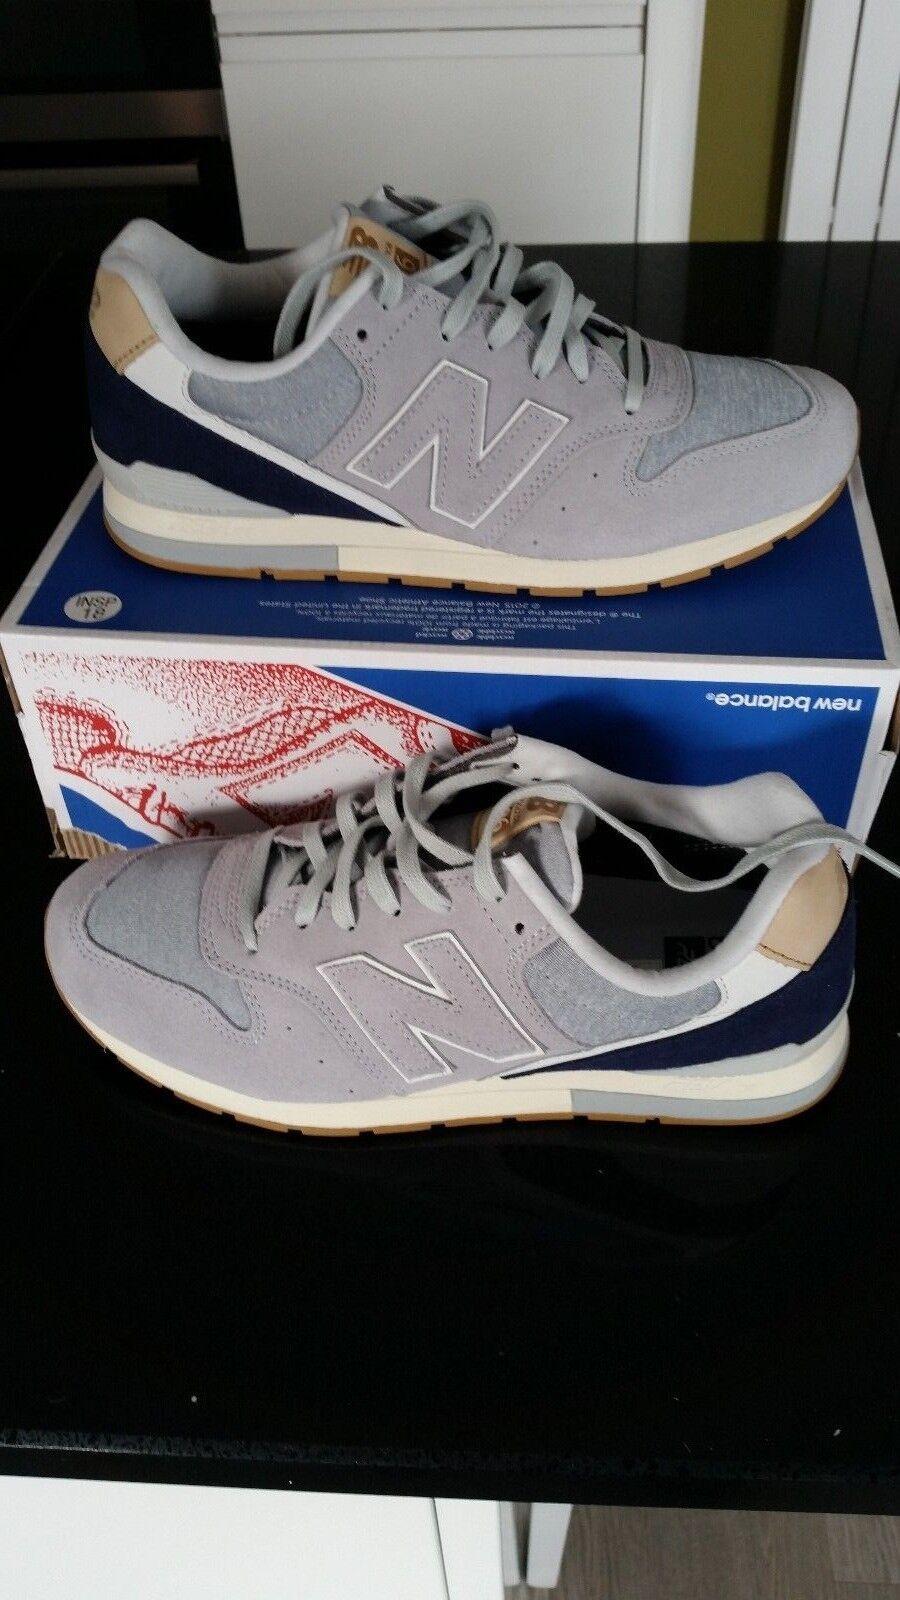 bd18b49a3 New balance mrl996ta mens mens mens classics trainers brand new in box  Größe uk 8 0d6317